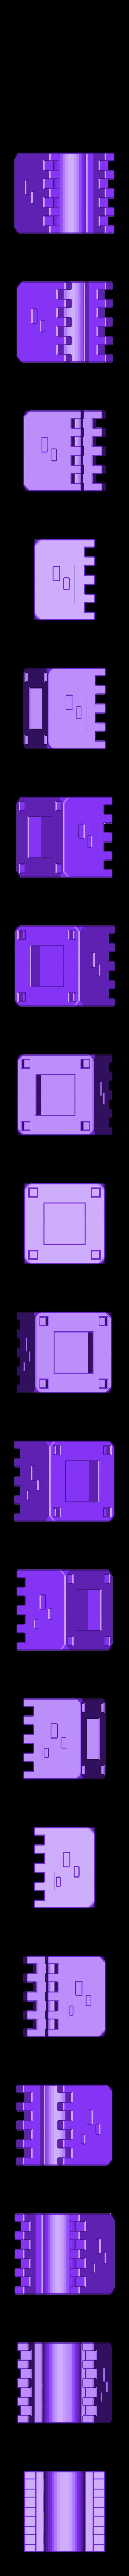 MarbleRunBlocks-CastleStraight.stl Download STL file Marble Run Blocks - Medieval Castle pack • 3D printable template, Wabby